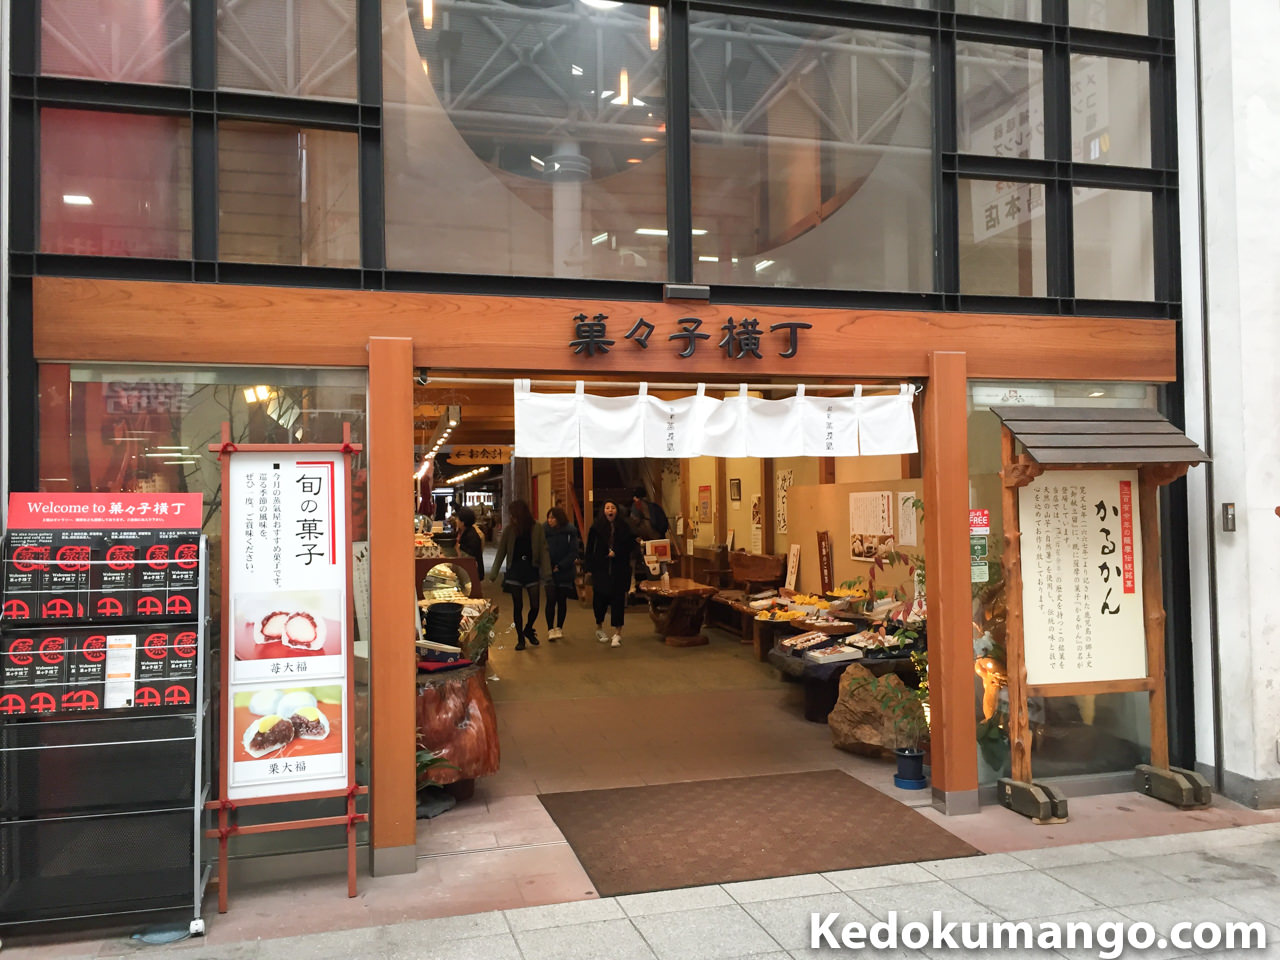 菓々子横丁の入口